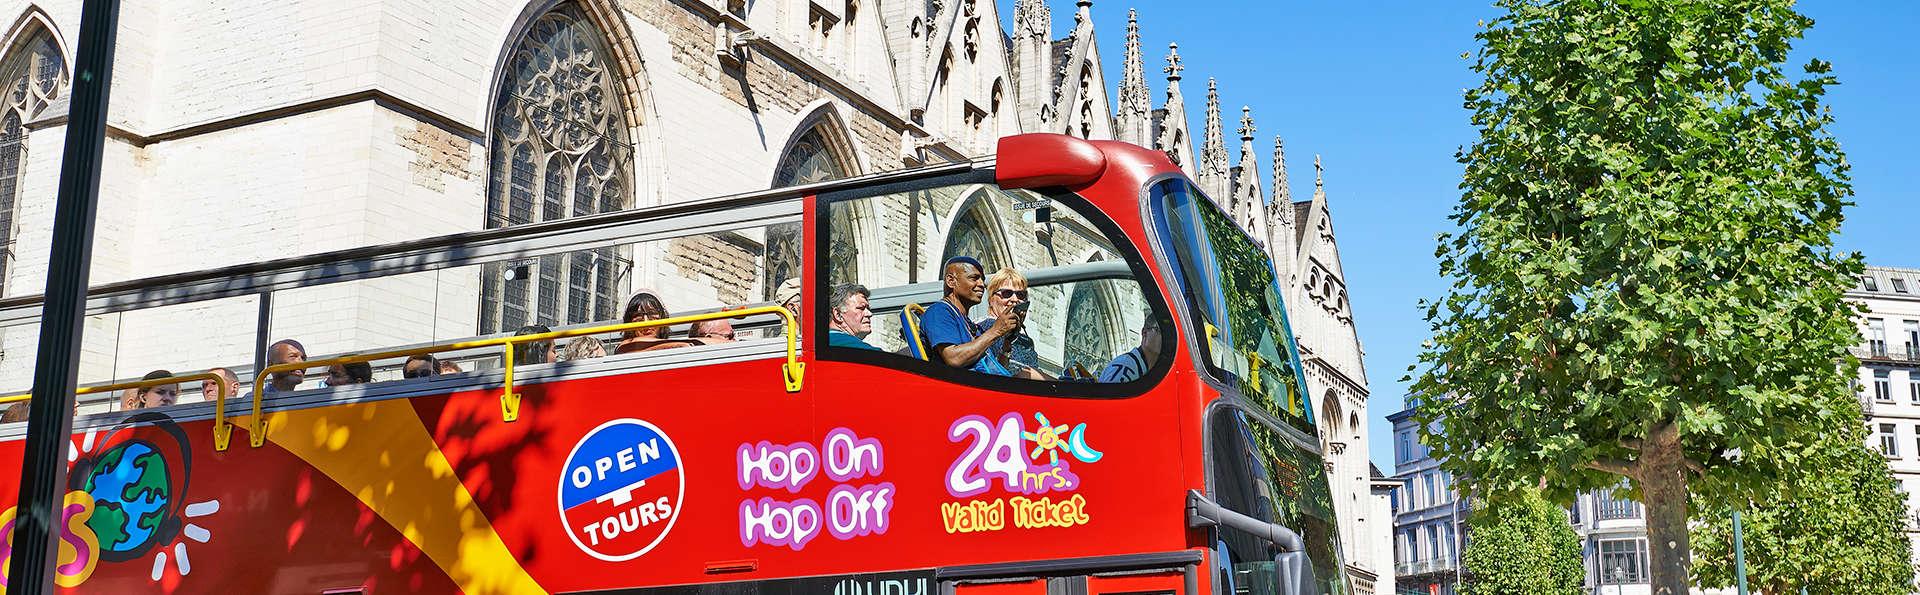 City-trip dans la capitale belge avec visite touristique en bus offerte